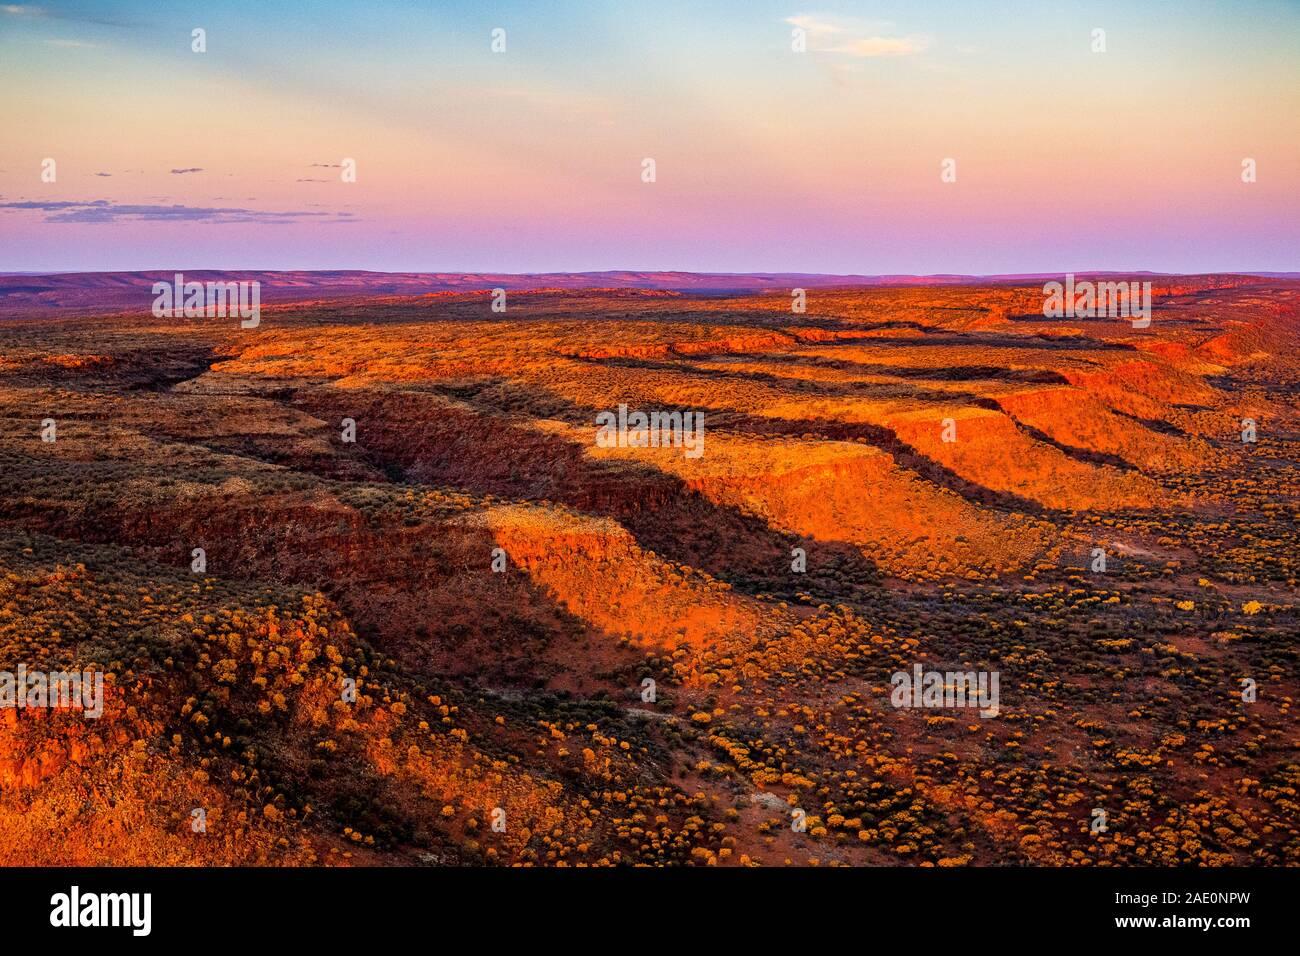 De superbes vues aériennes de la gamme George Gill au coucher du soleil. Situé dans le centre de l'Australie à distance. Banque D'Images